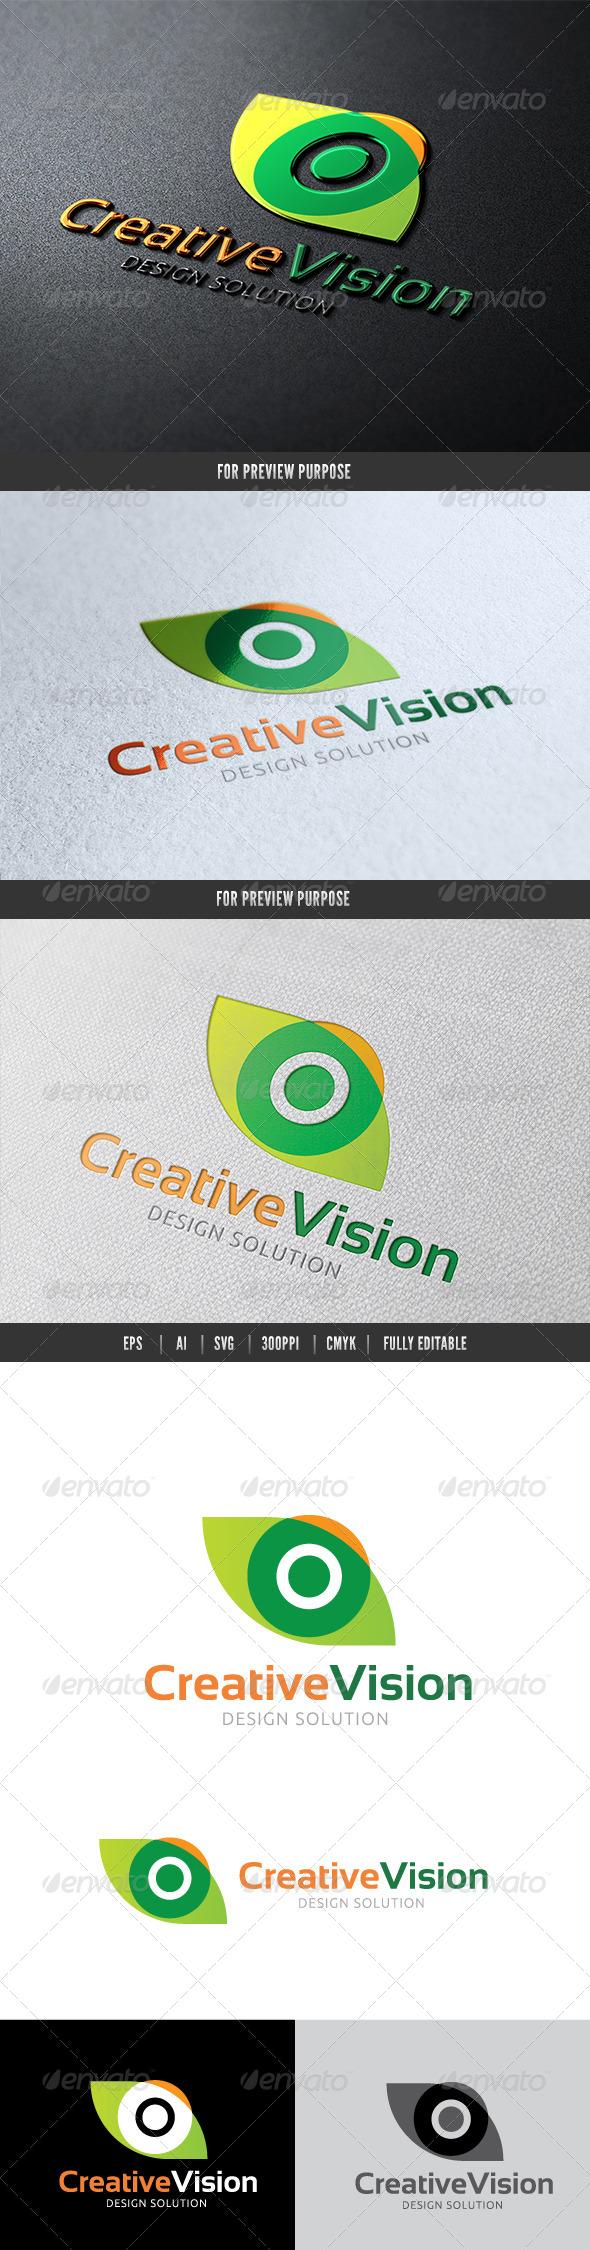 GraphicRiver Creative Vision 6468696